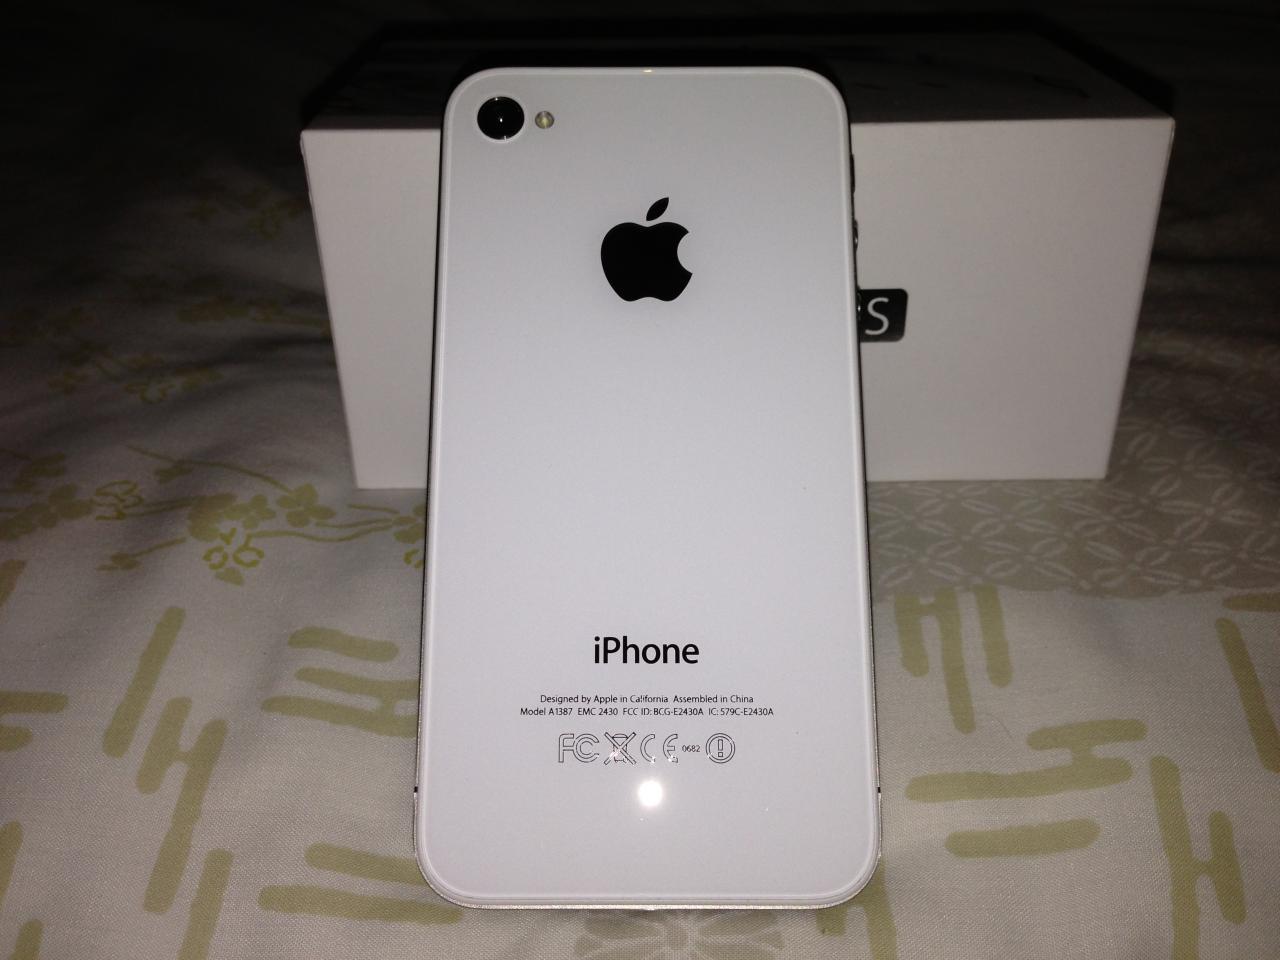 iPhone 4-4S - Biên Hòa, Đồng Nai ====>Thanh lý ít hàng trắng cho ...